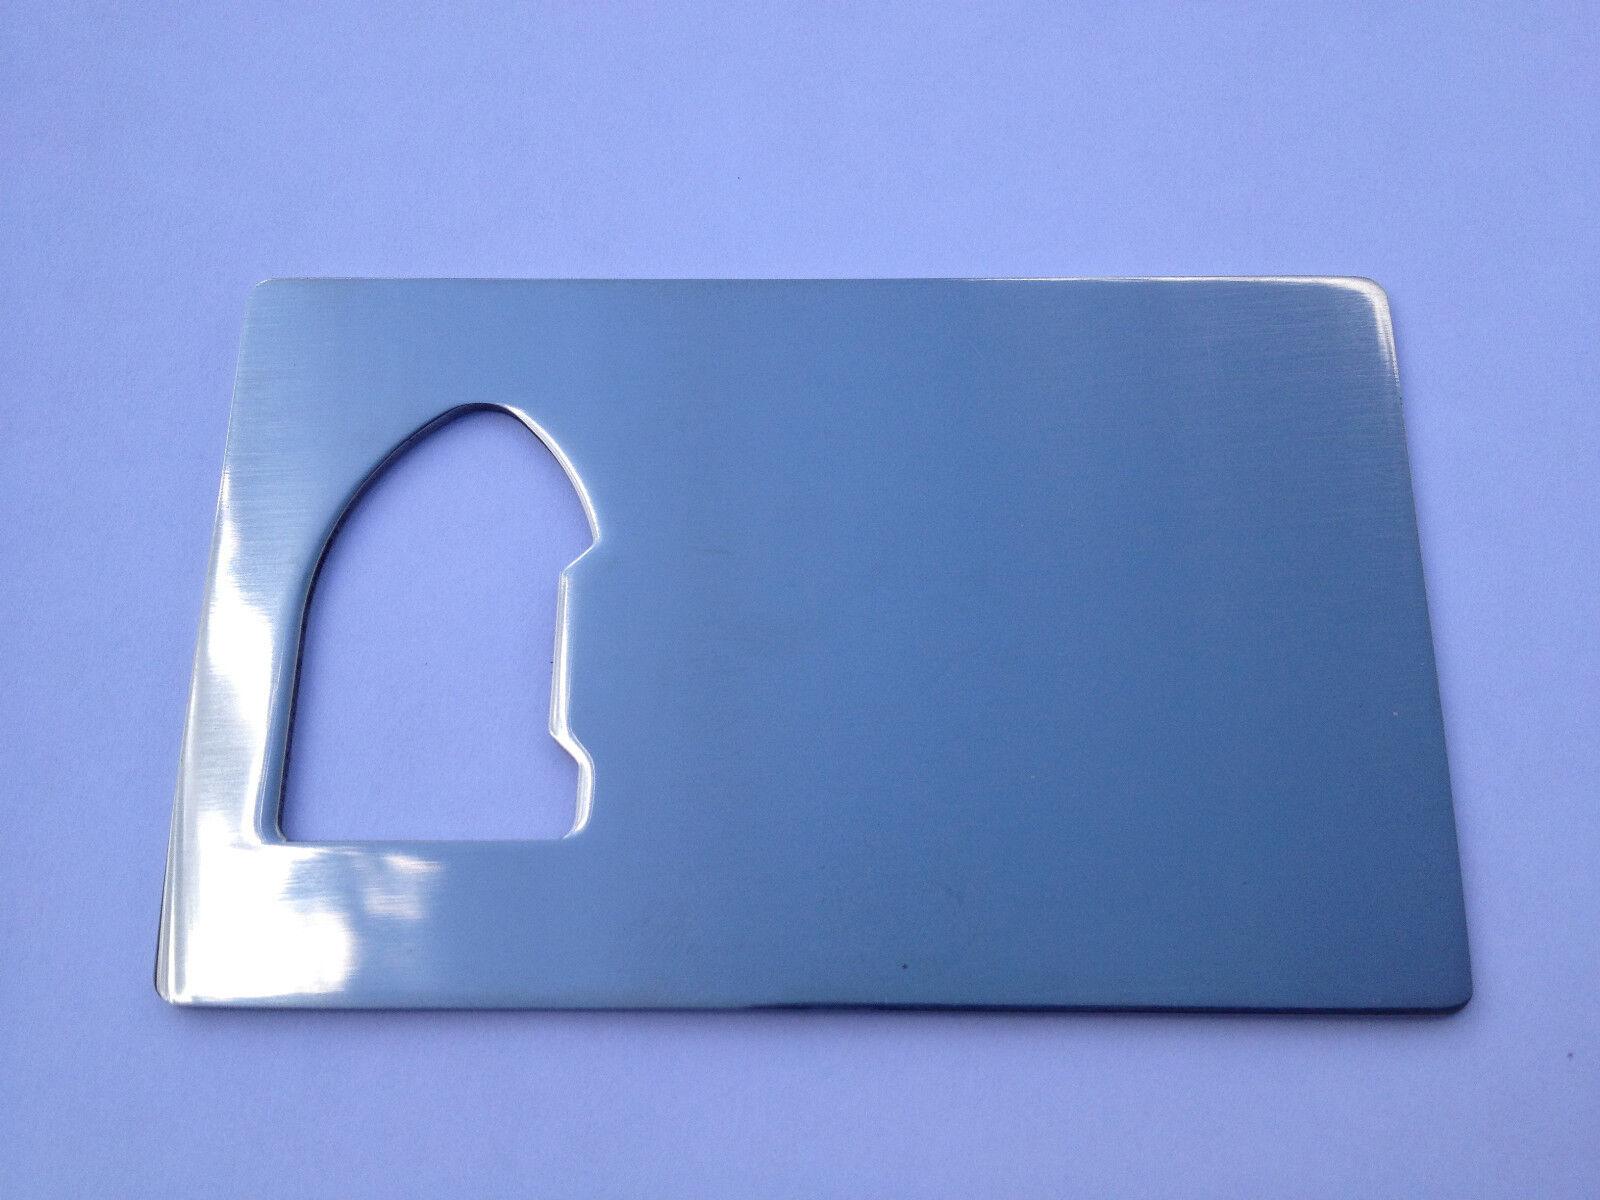 new credit card wallet bottle opener for guiness corona ebay. Black Bedroom Furniture Sets. Home Design Ideas